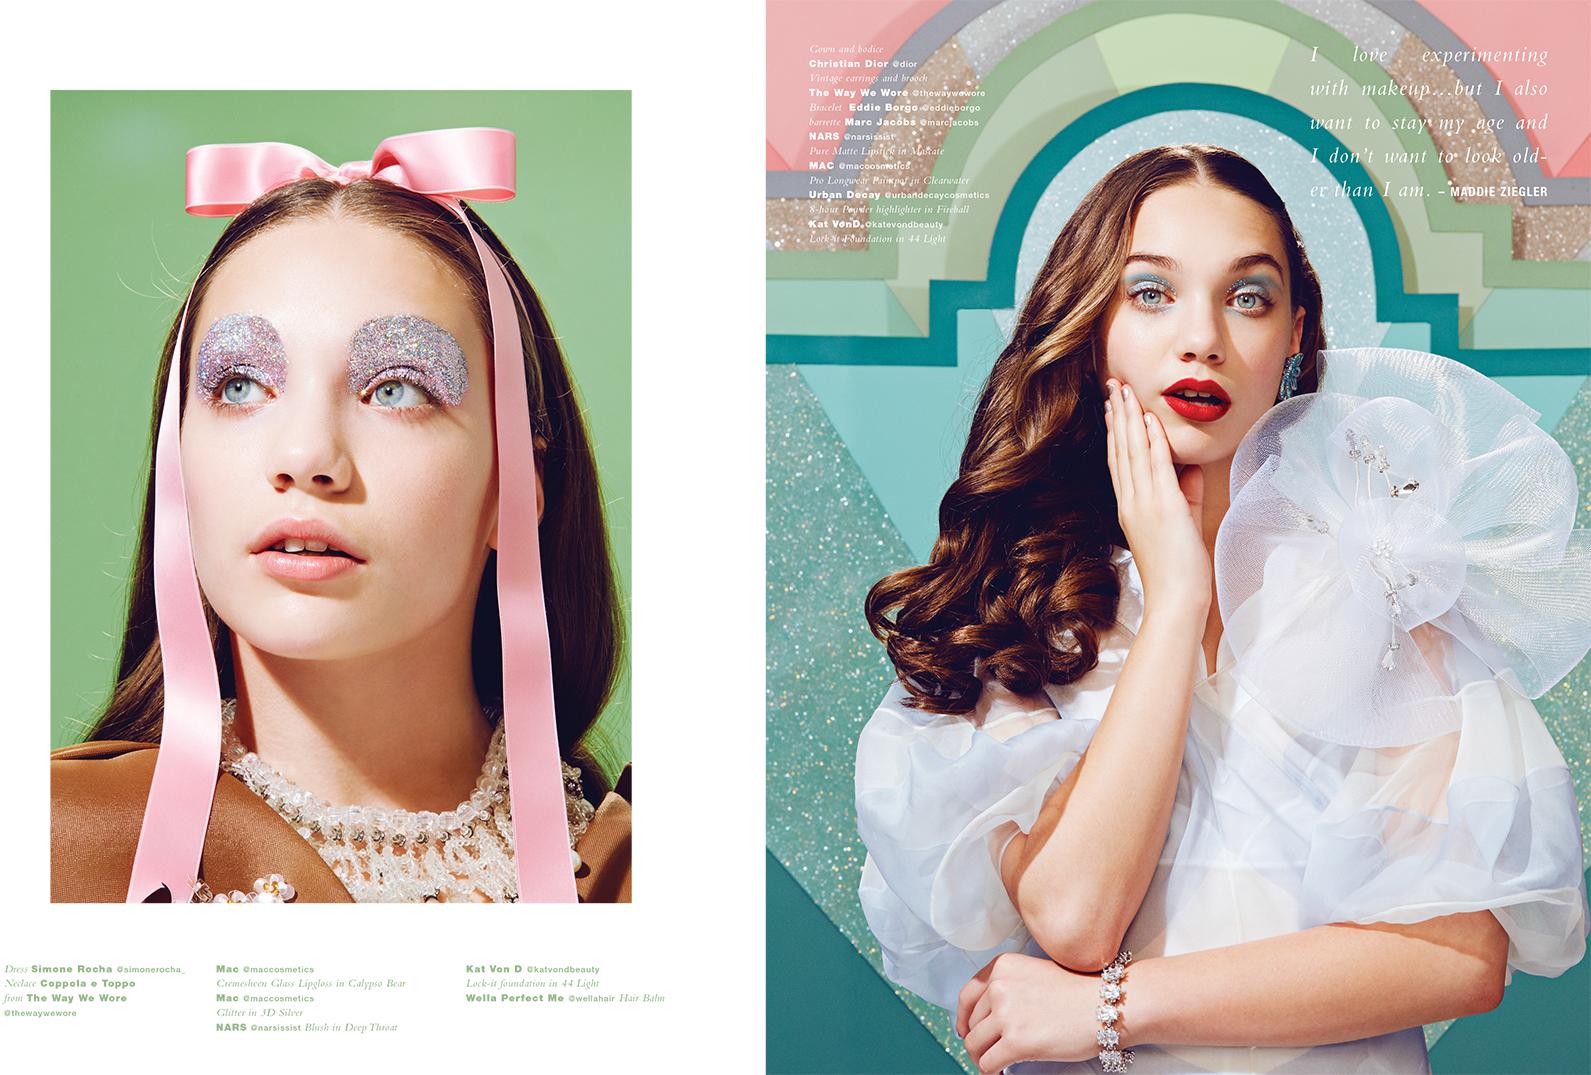 Maddie Ziegler for Paper Magazine